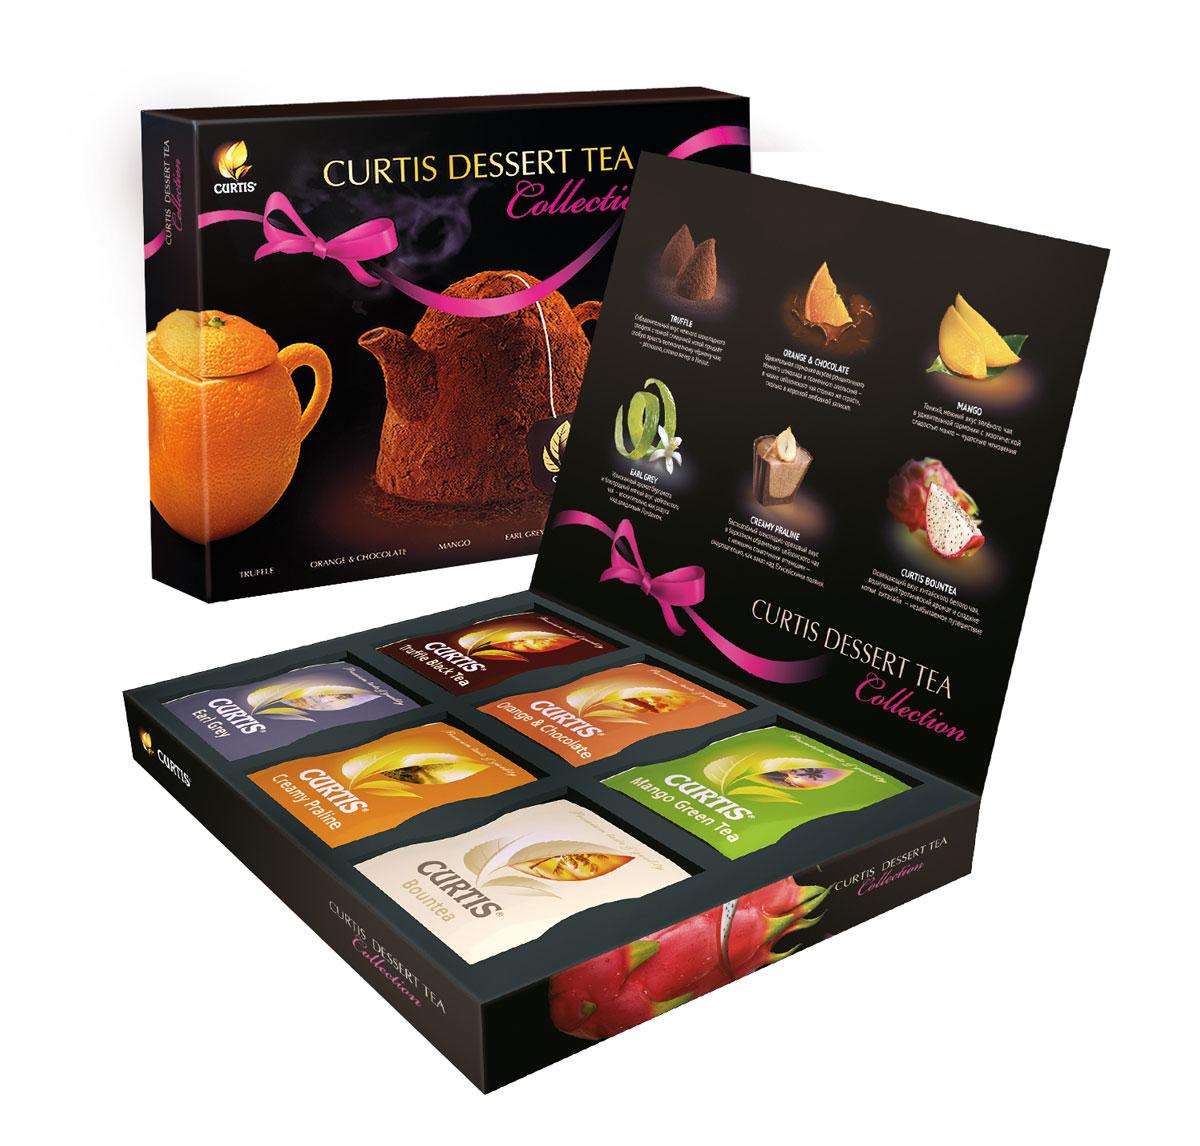 Curtis Dessert Tea Collection - коллекция чая с десертными вкусами. Сочетание великолепного чая и вкусов знаменитых десертов рождает новую изысканную форму удовольствия. Утонченные ароматы и соблазнительные вкусы: шоколадный, фруктовый, карамельный и т.д.